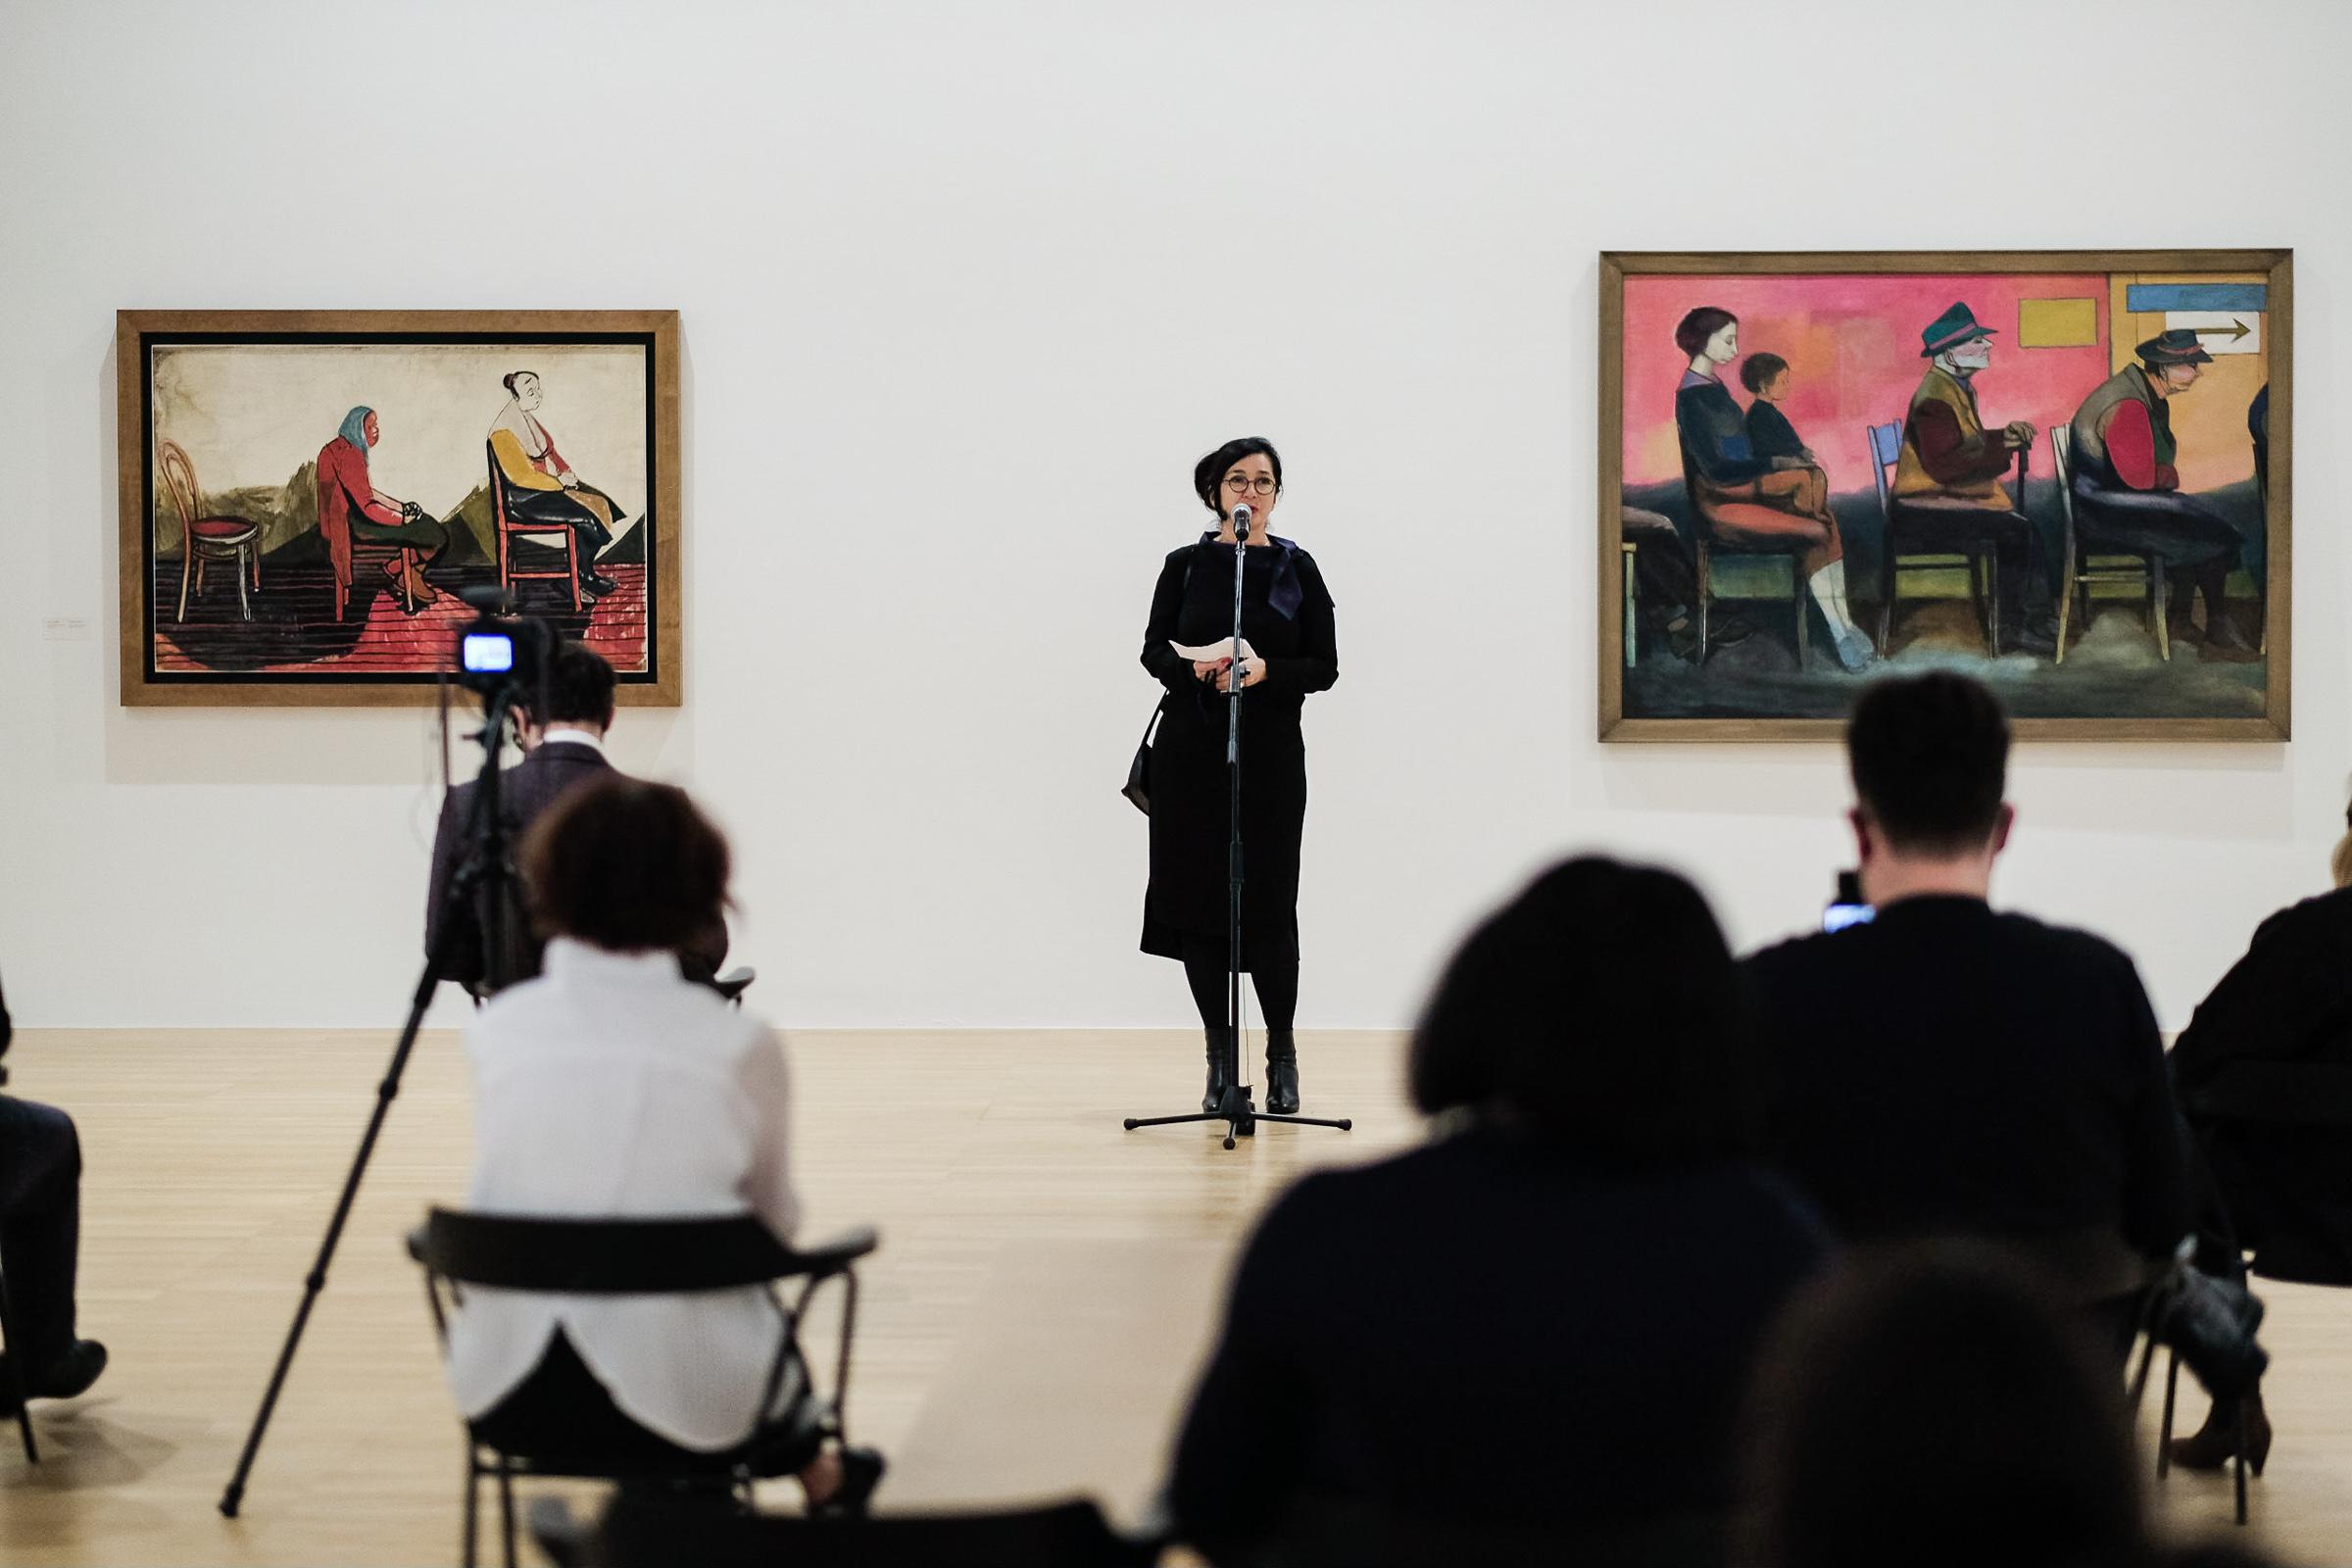 Zdenka Badovinac, director of Moderna galerija